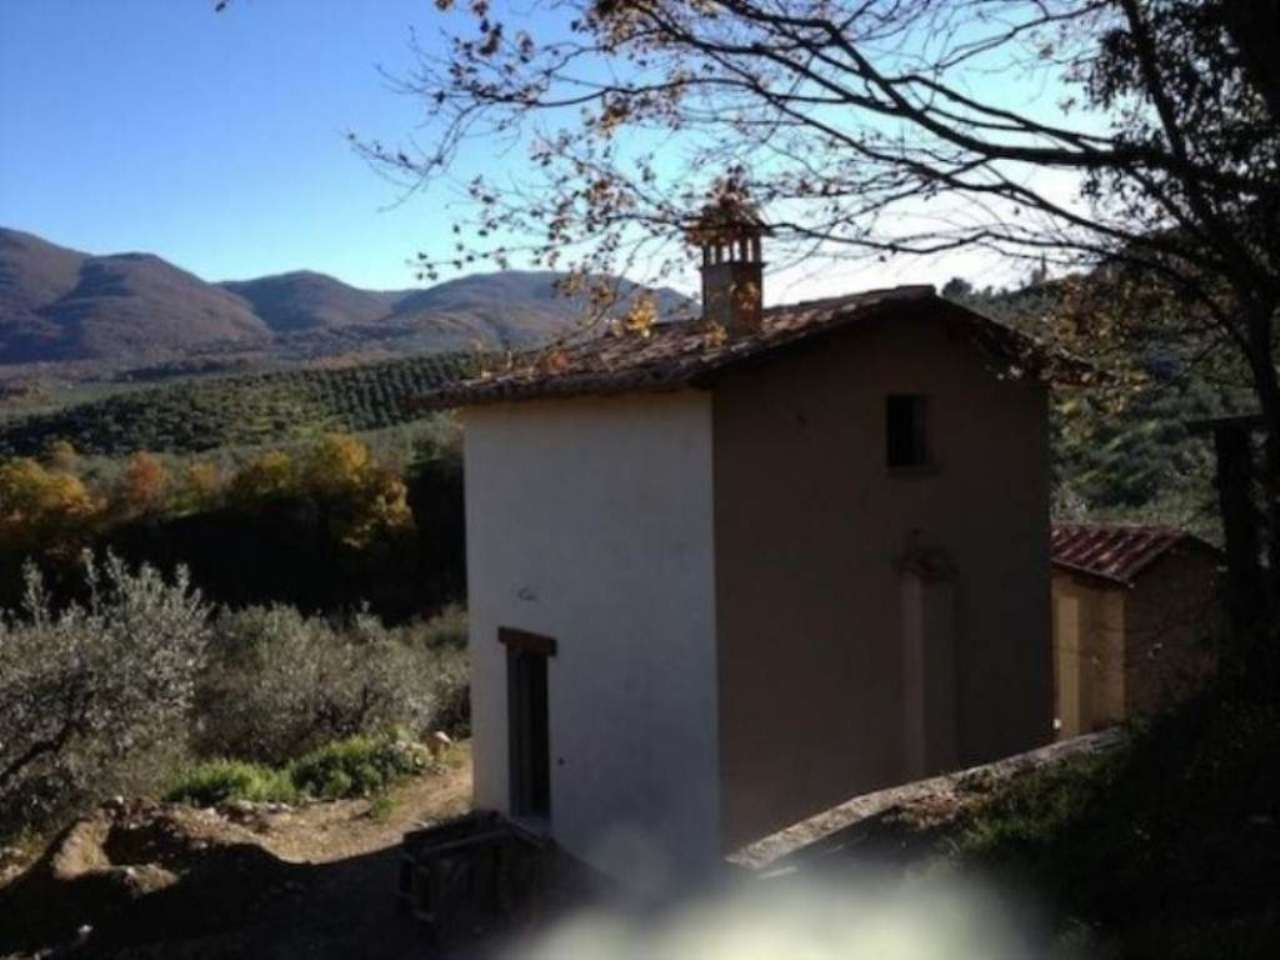 Rustico / Casale in vendita a Scandriglia, 3 locali, prezzo € 75.000   CambioCasa.it